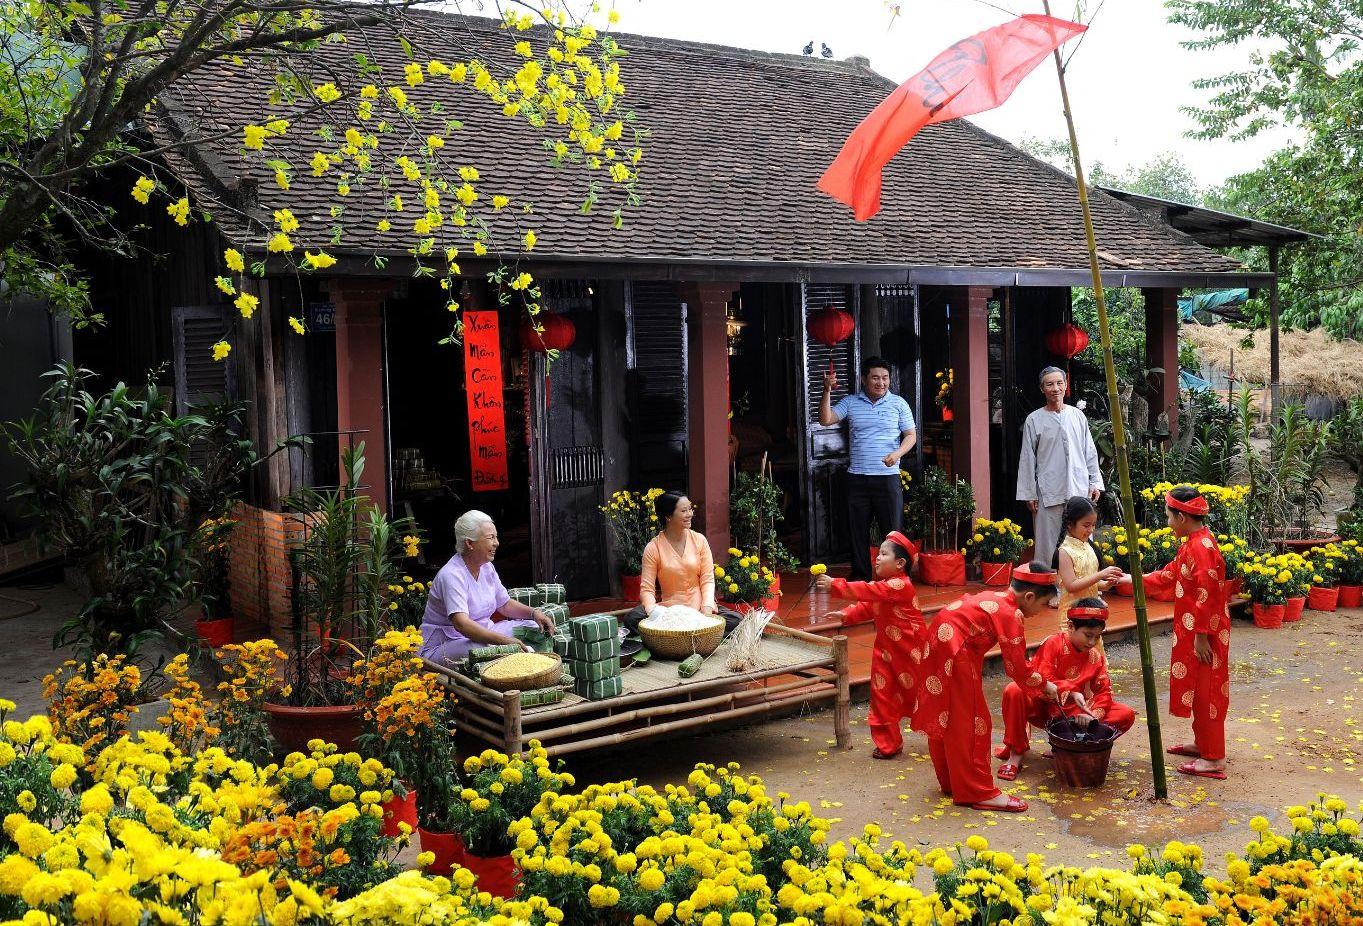 Người Việt Nhớ Khi Xa Nhà, nhớ mùi tết quê hương